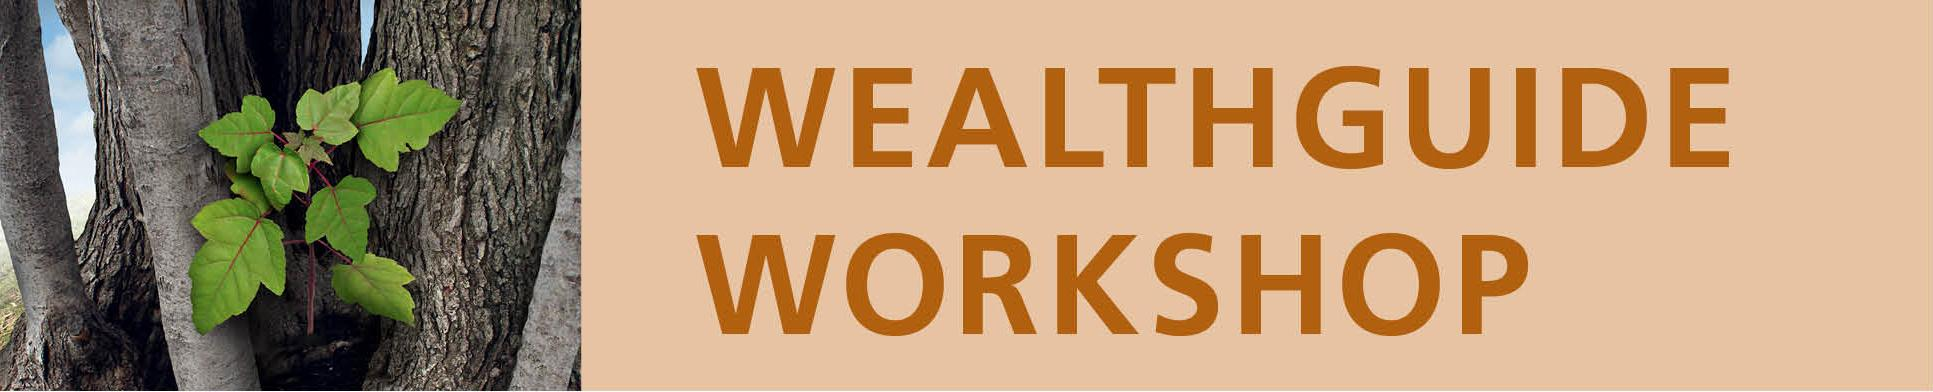 Wealthguide Graphic